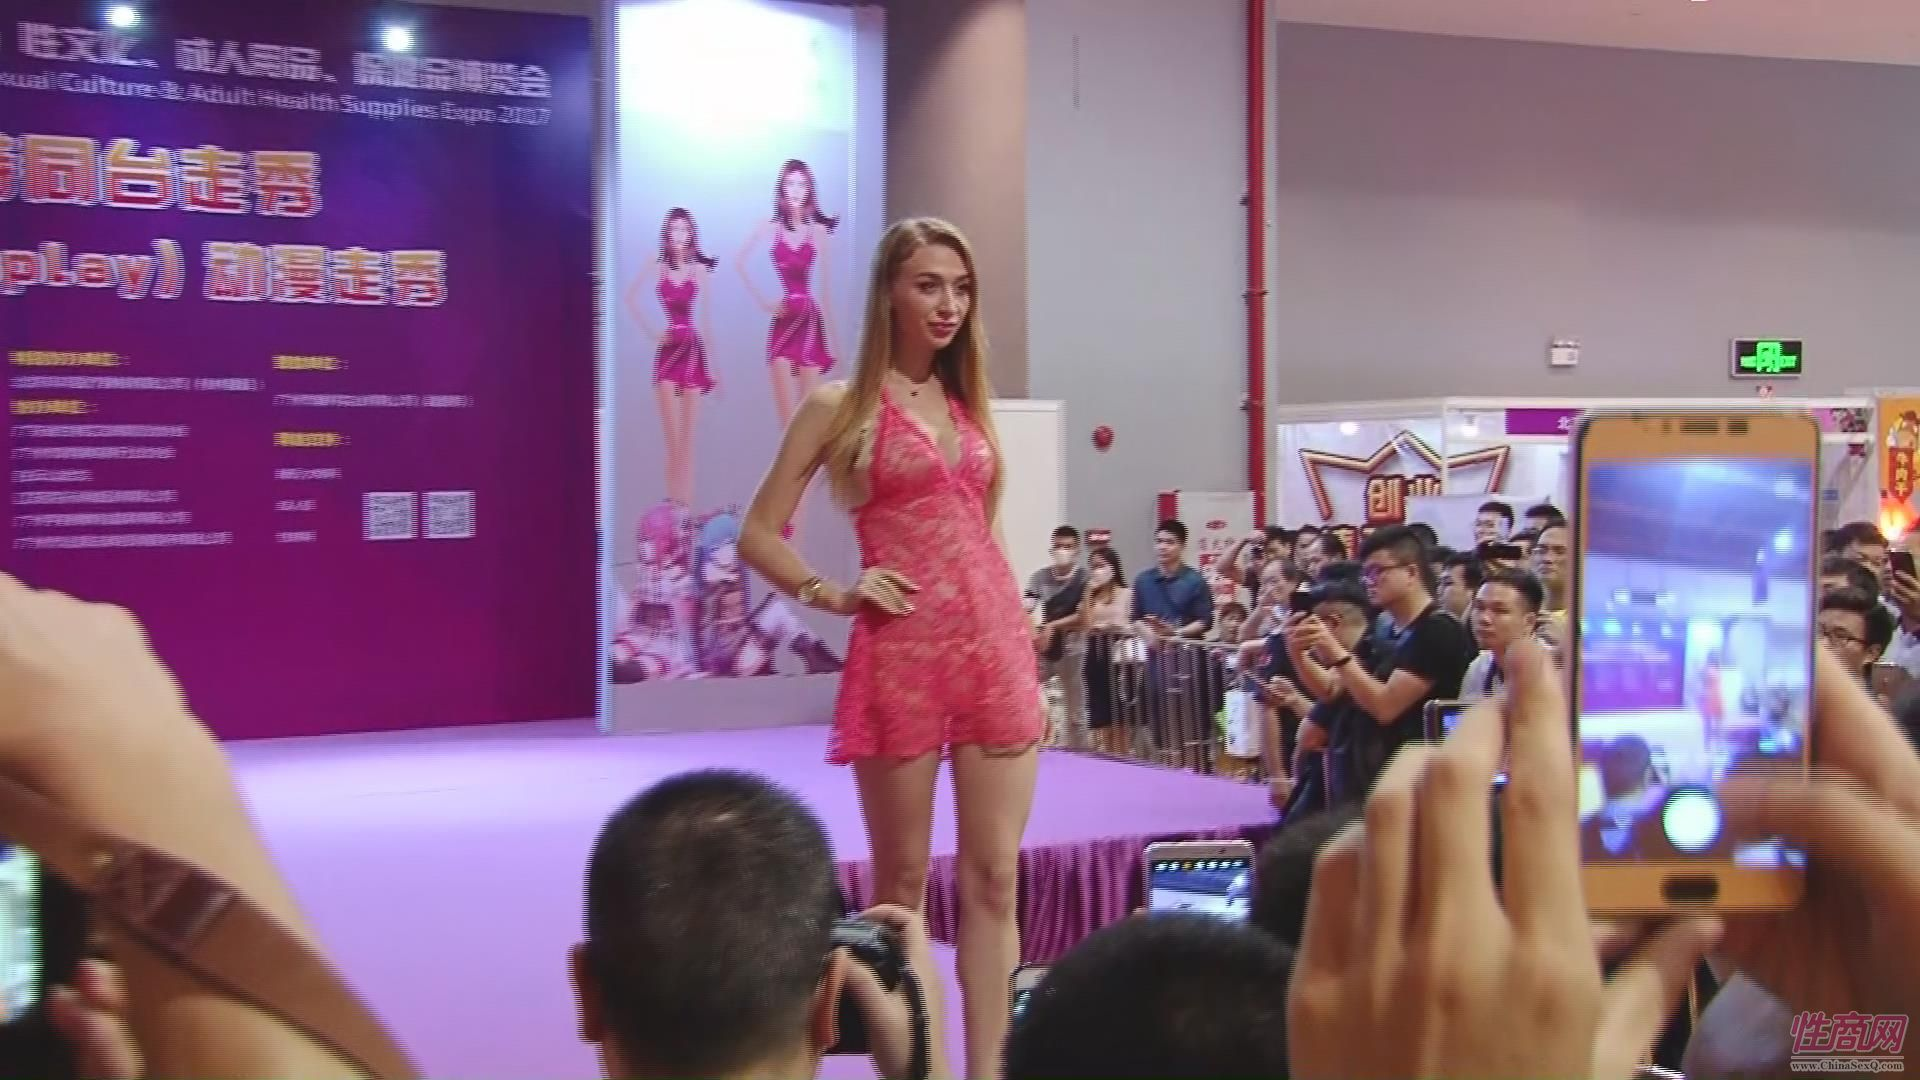 俄罗斯模特展示情趣内衣